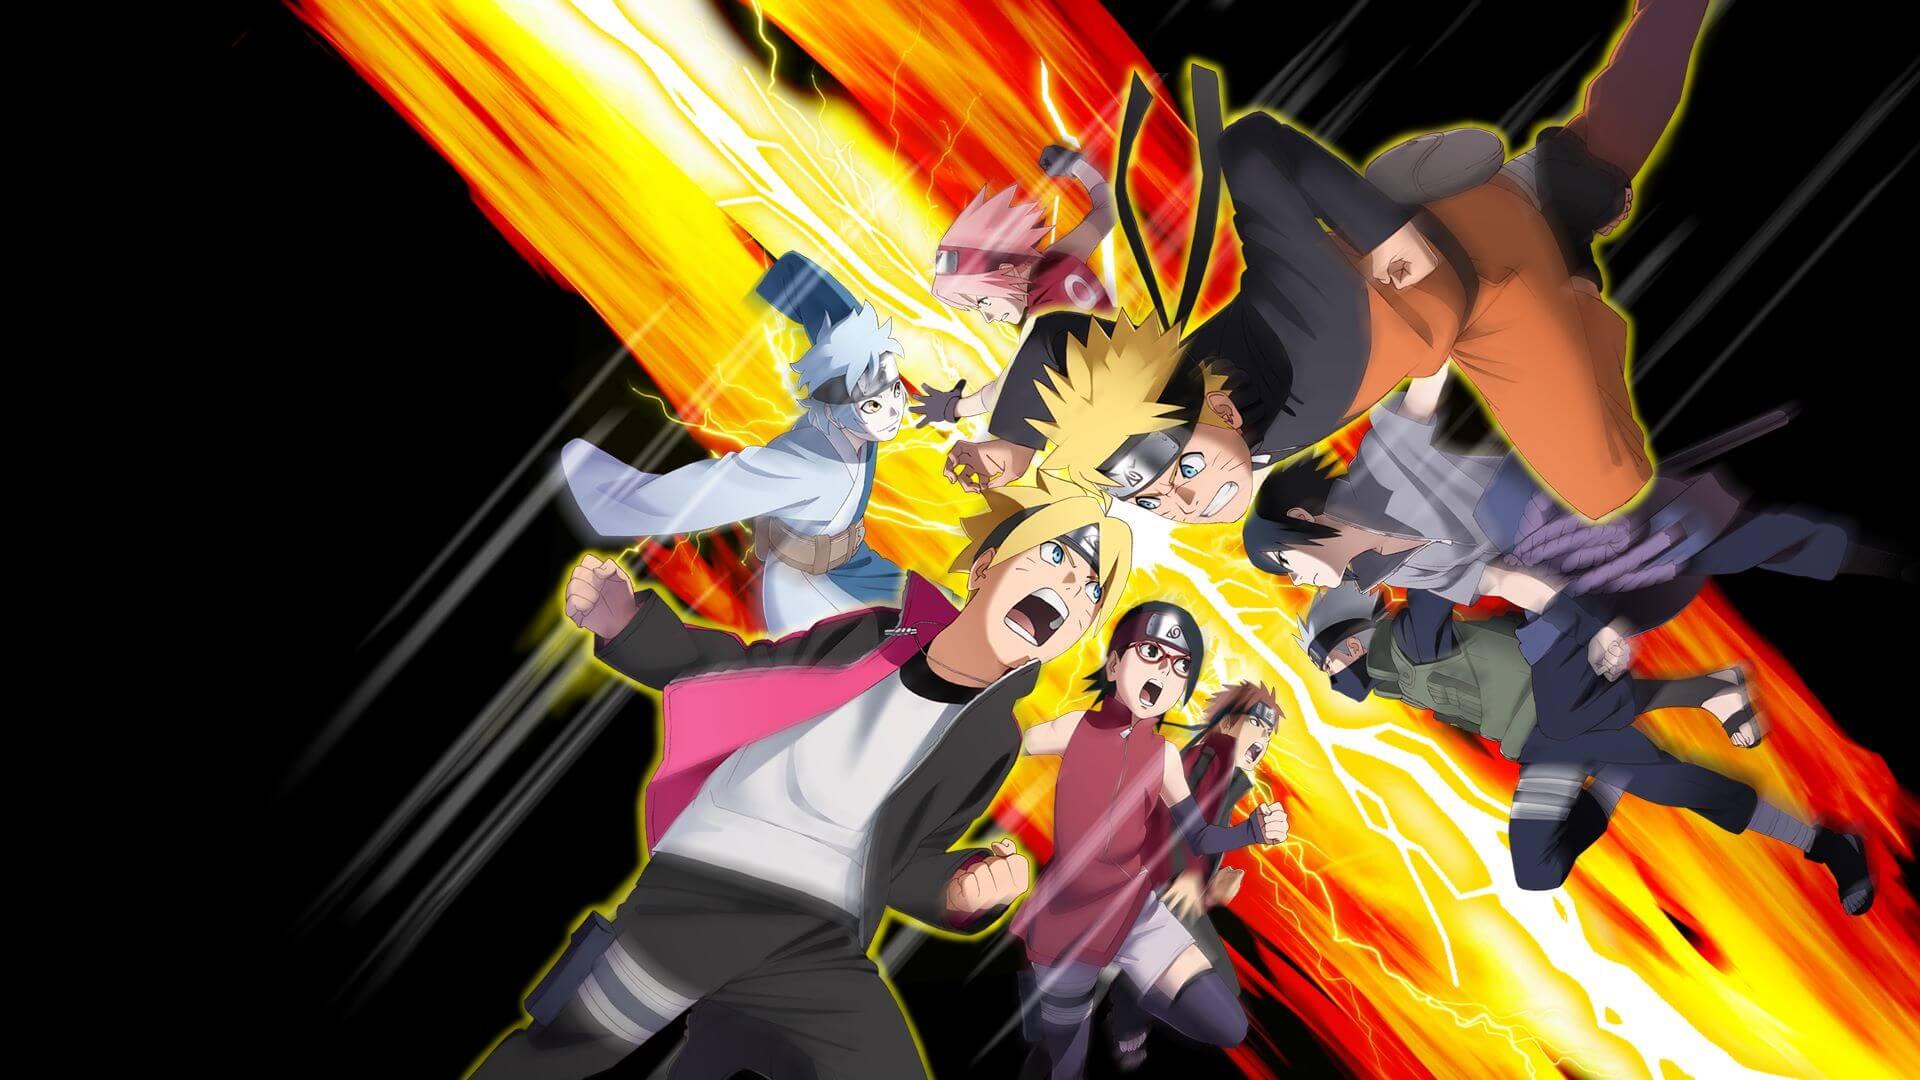 Naruto cover - Review Naruto to Boruto: Shinobi Striker e a mudança na franquia do ninja